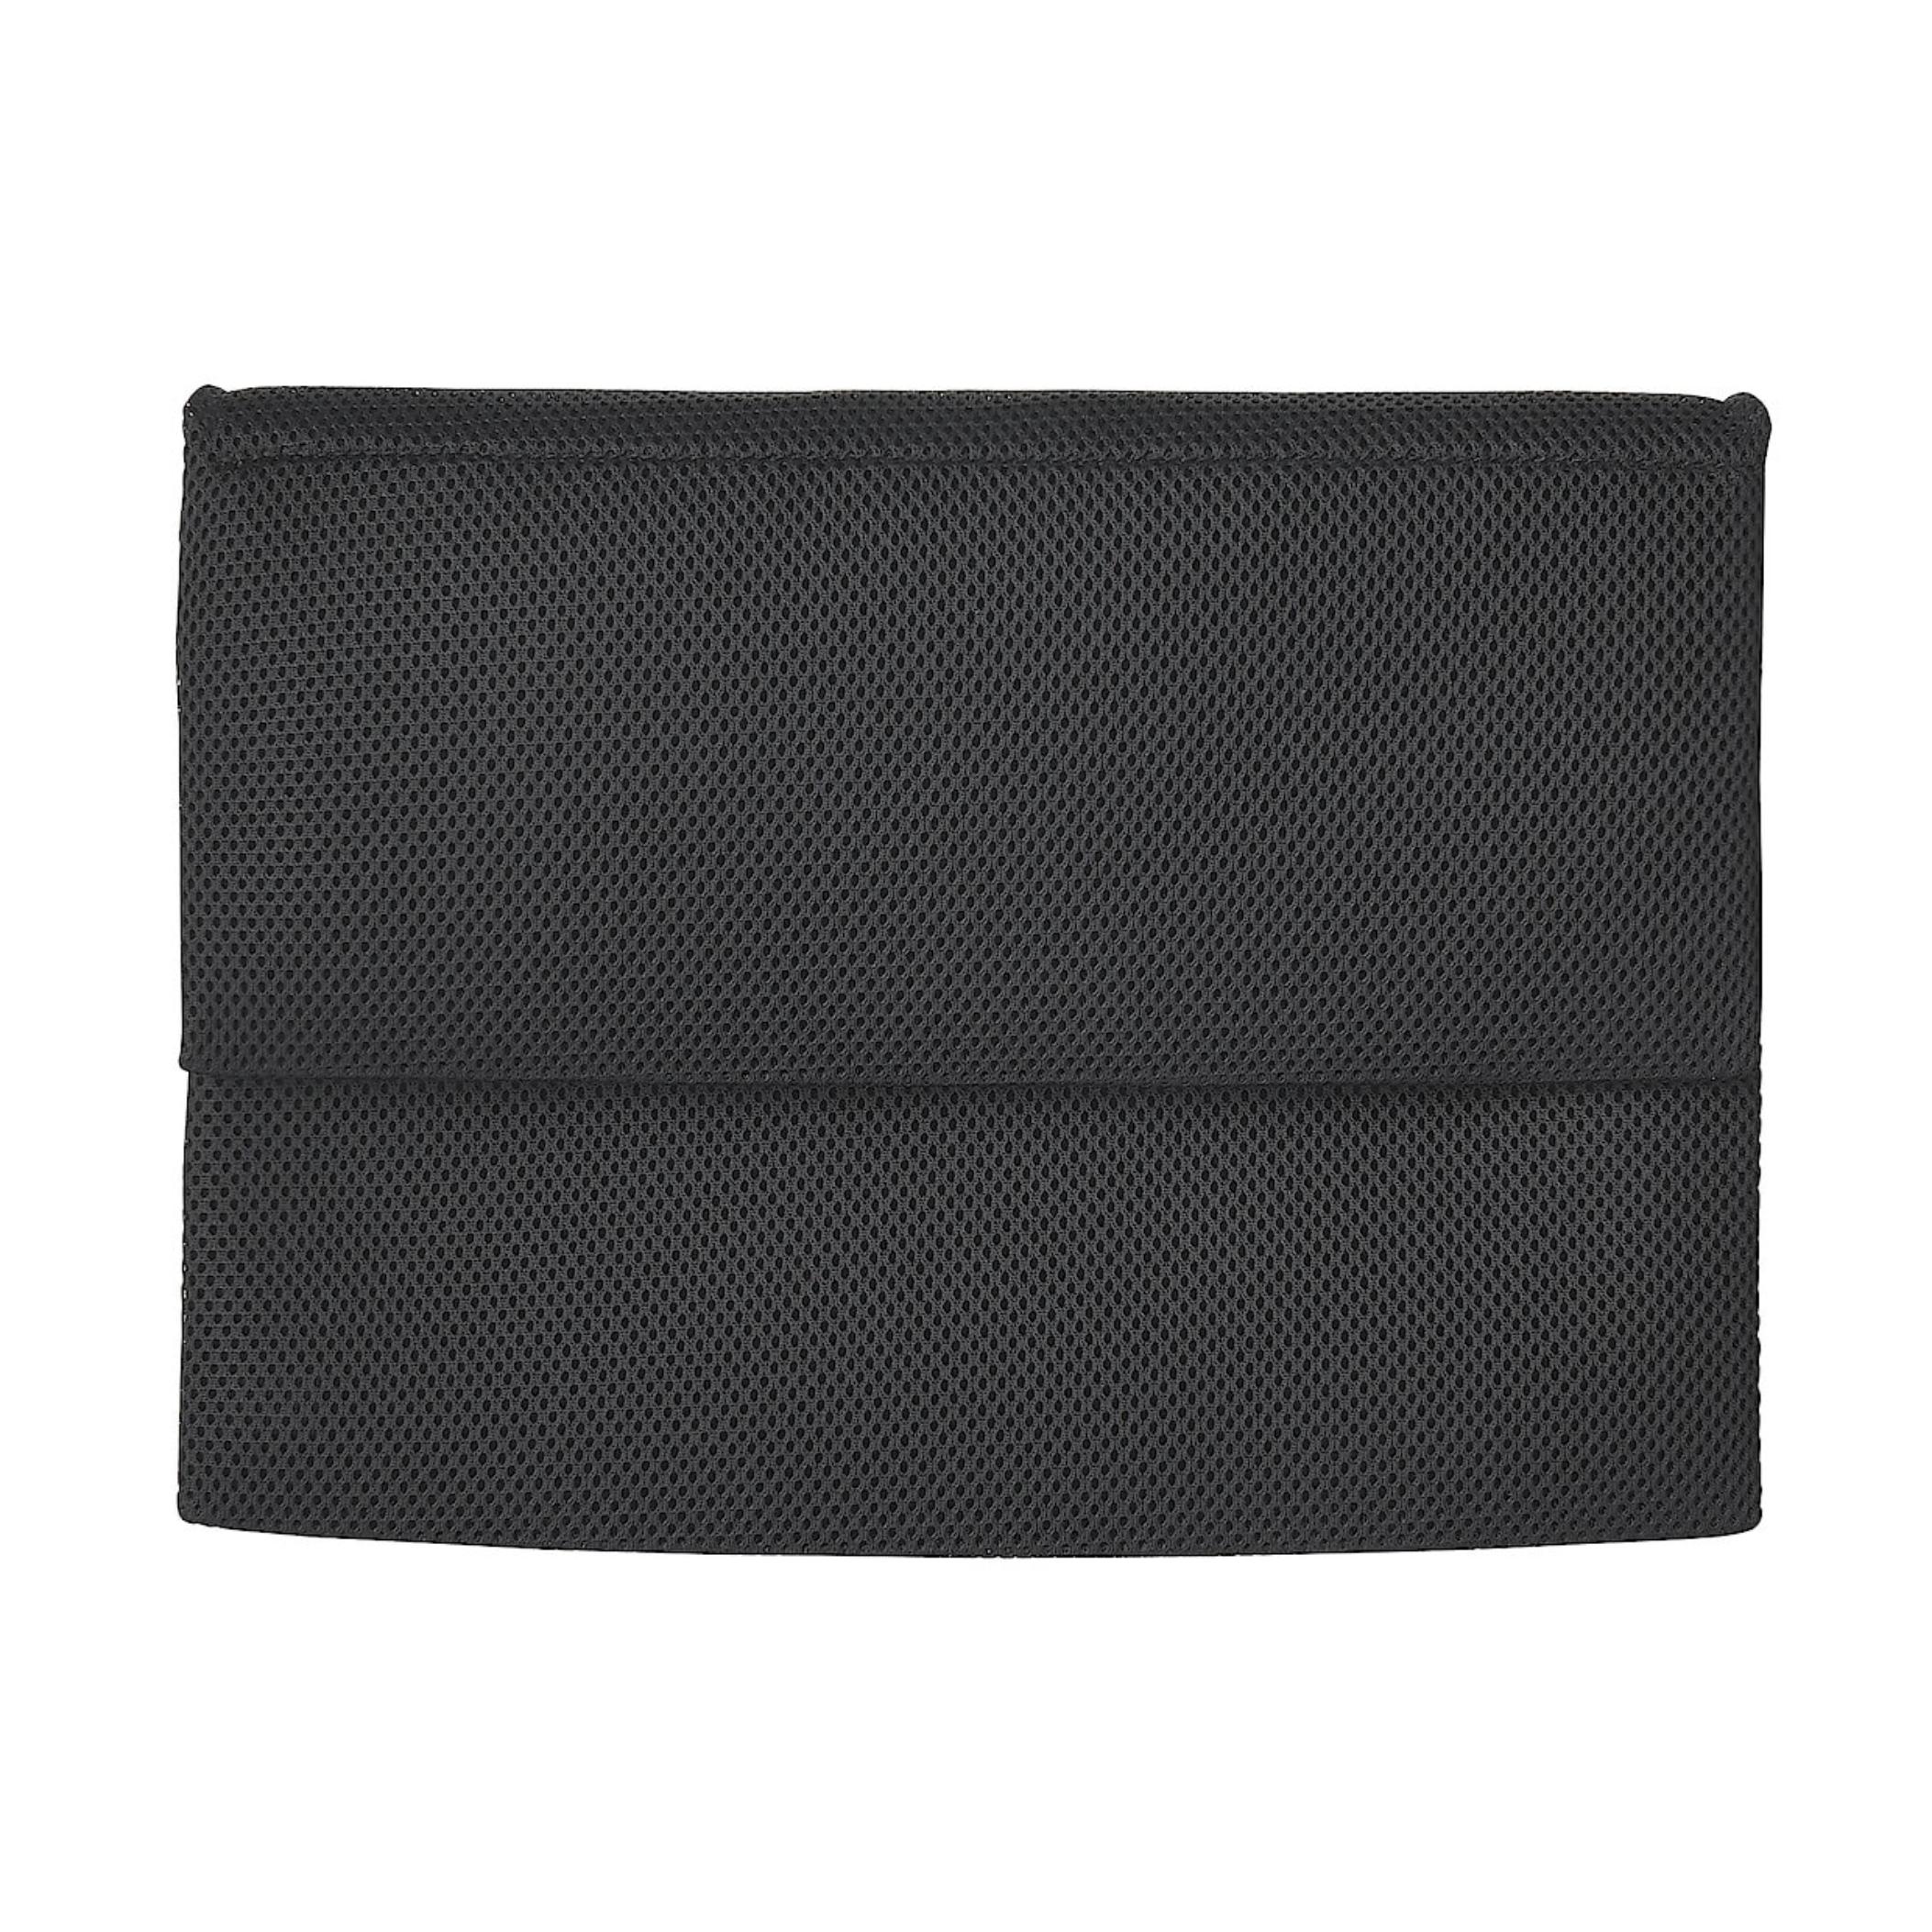 ポリエステルメッシュPCカバー ポケット付 13型用 黒